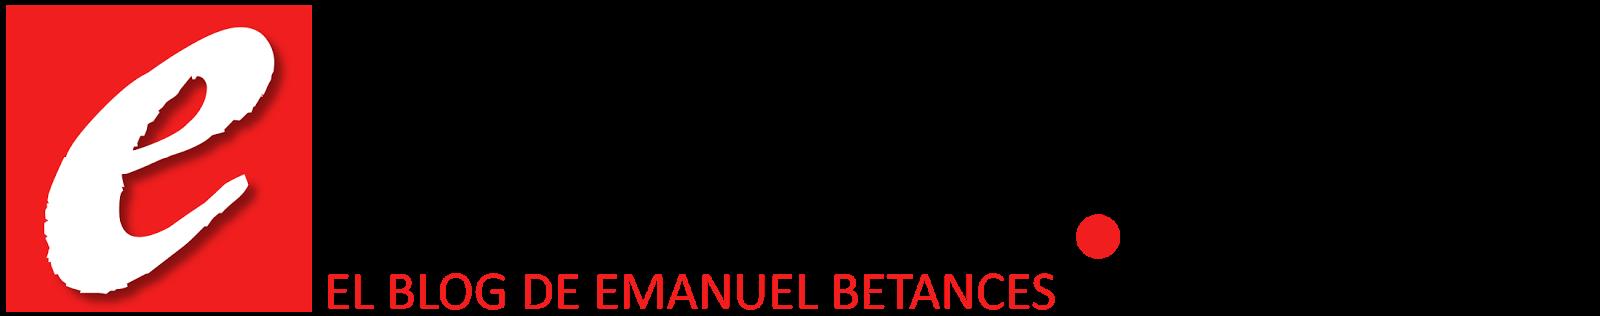 El Blog de Emanuel Betances